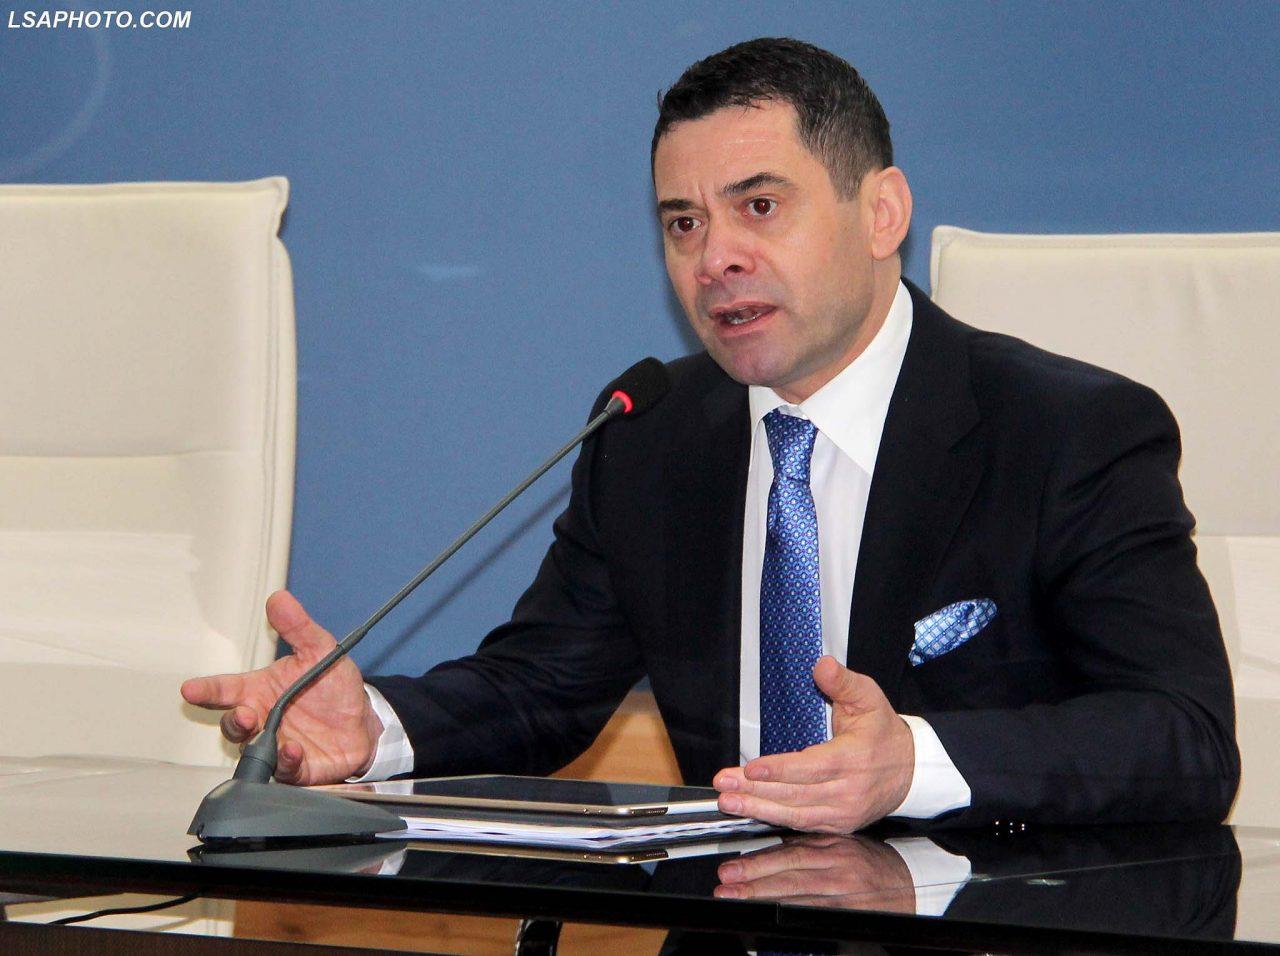 Arben-Ahmetaj-konference-1280x956.jpg